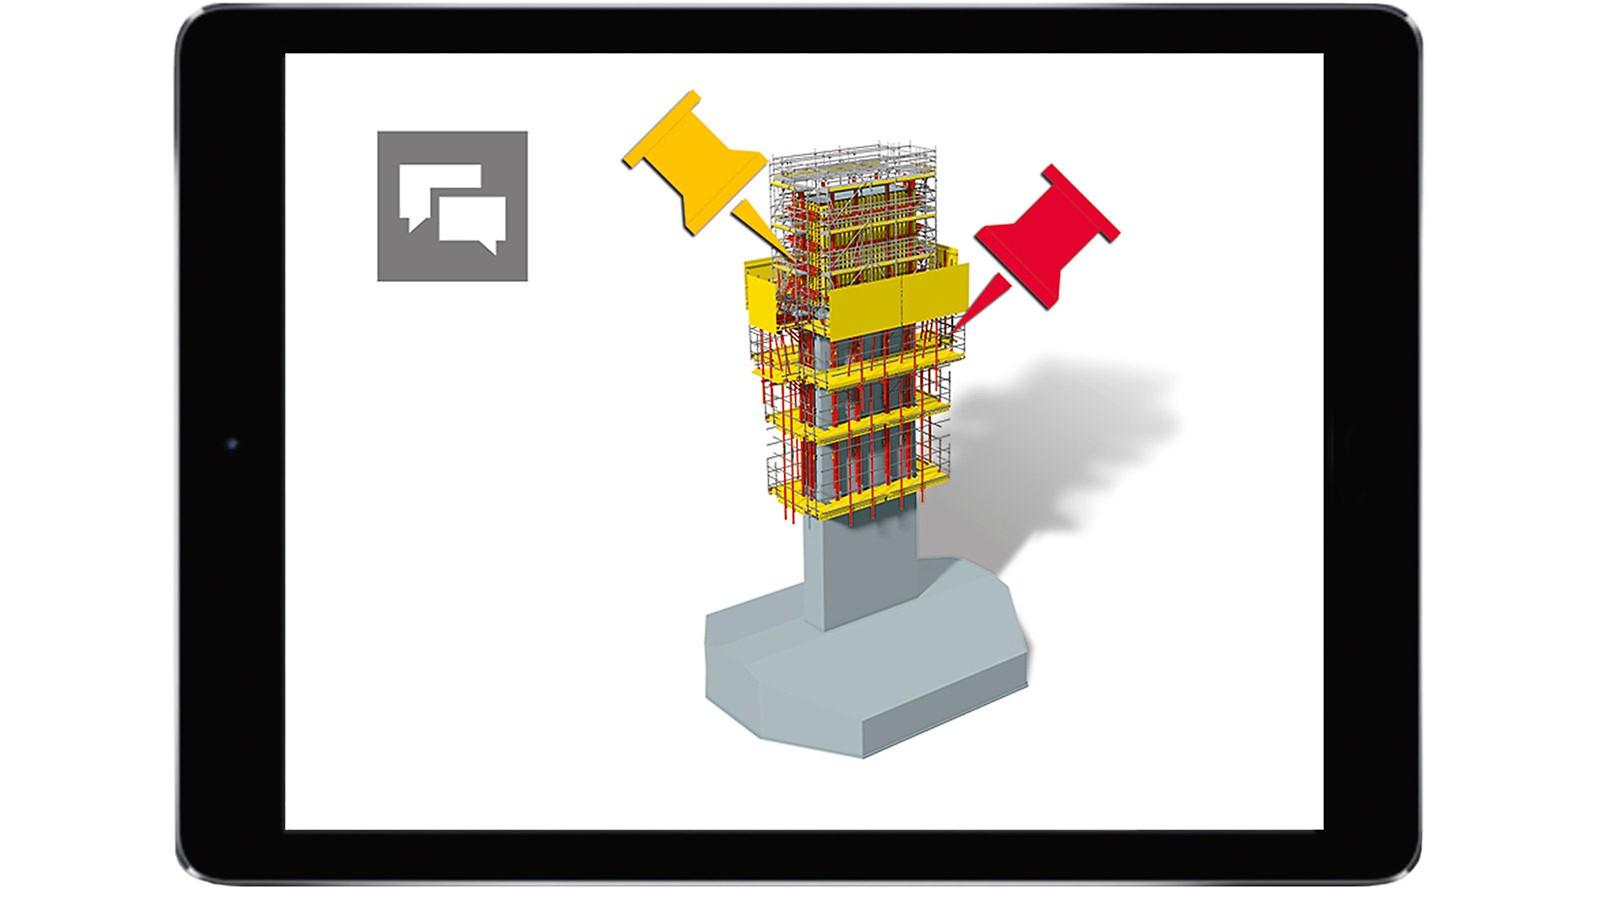 Zu klärende Punkte oder auch Kollisionen kann das Baustellenteam direkt am Modell markieren und beschreiben. Über definierte Kommunikationswege ist auch die Information zur Lösung transparent für alle Projektbeteiligten ersichtlich.